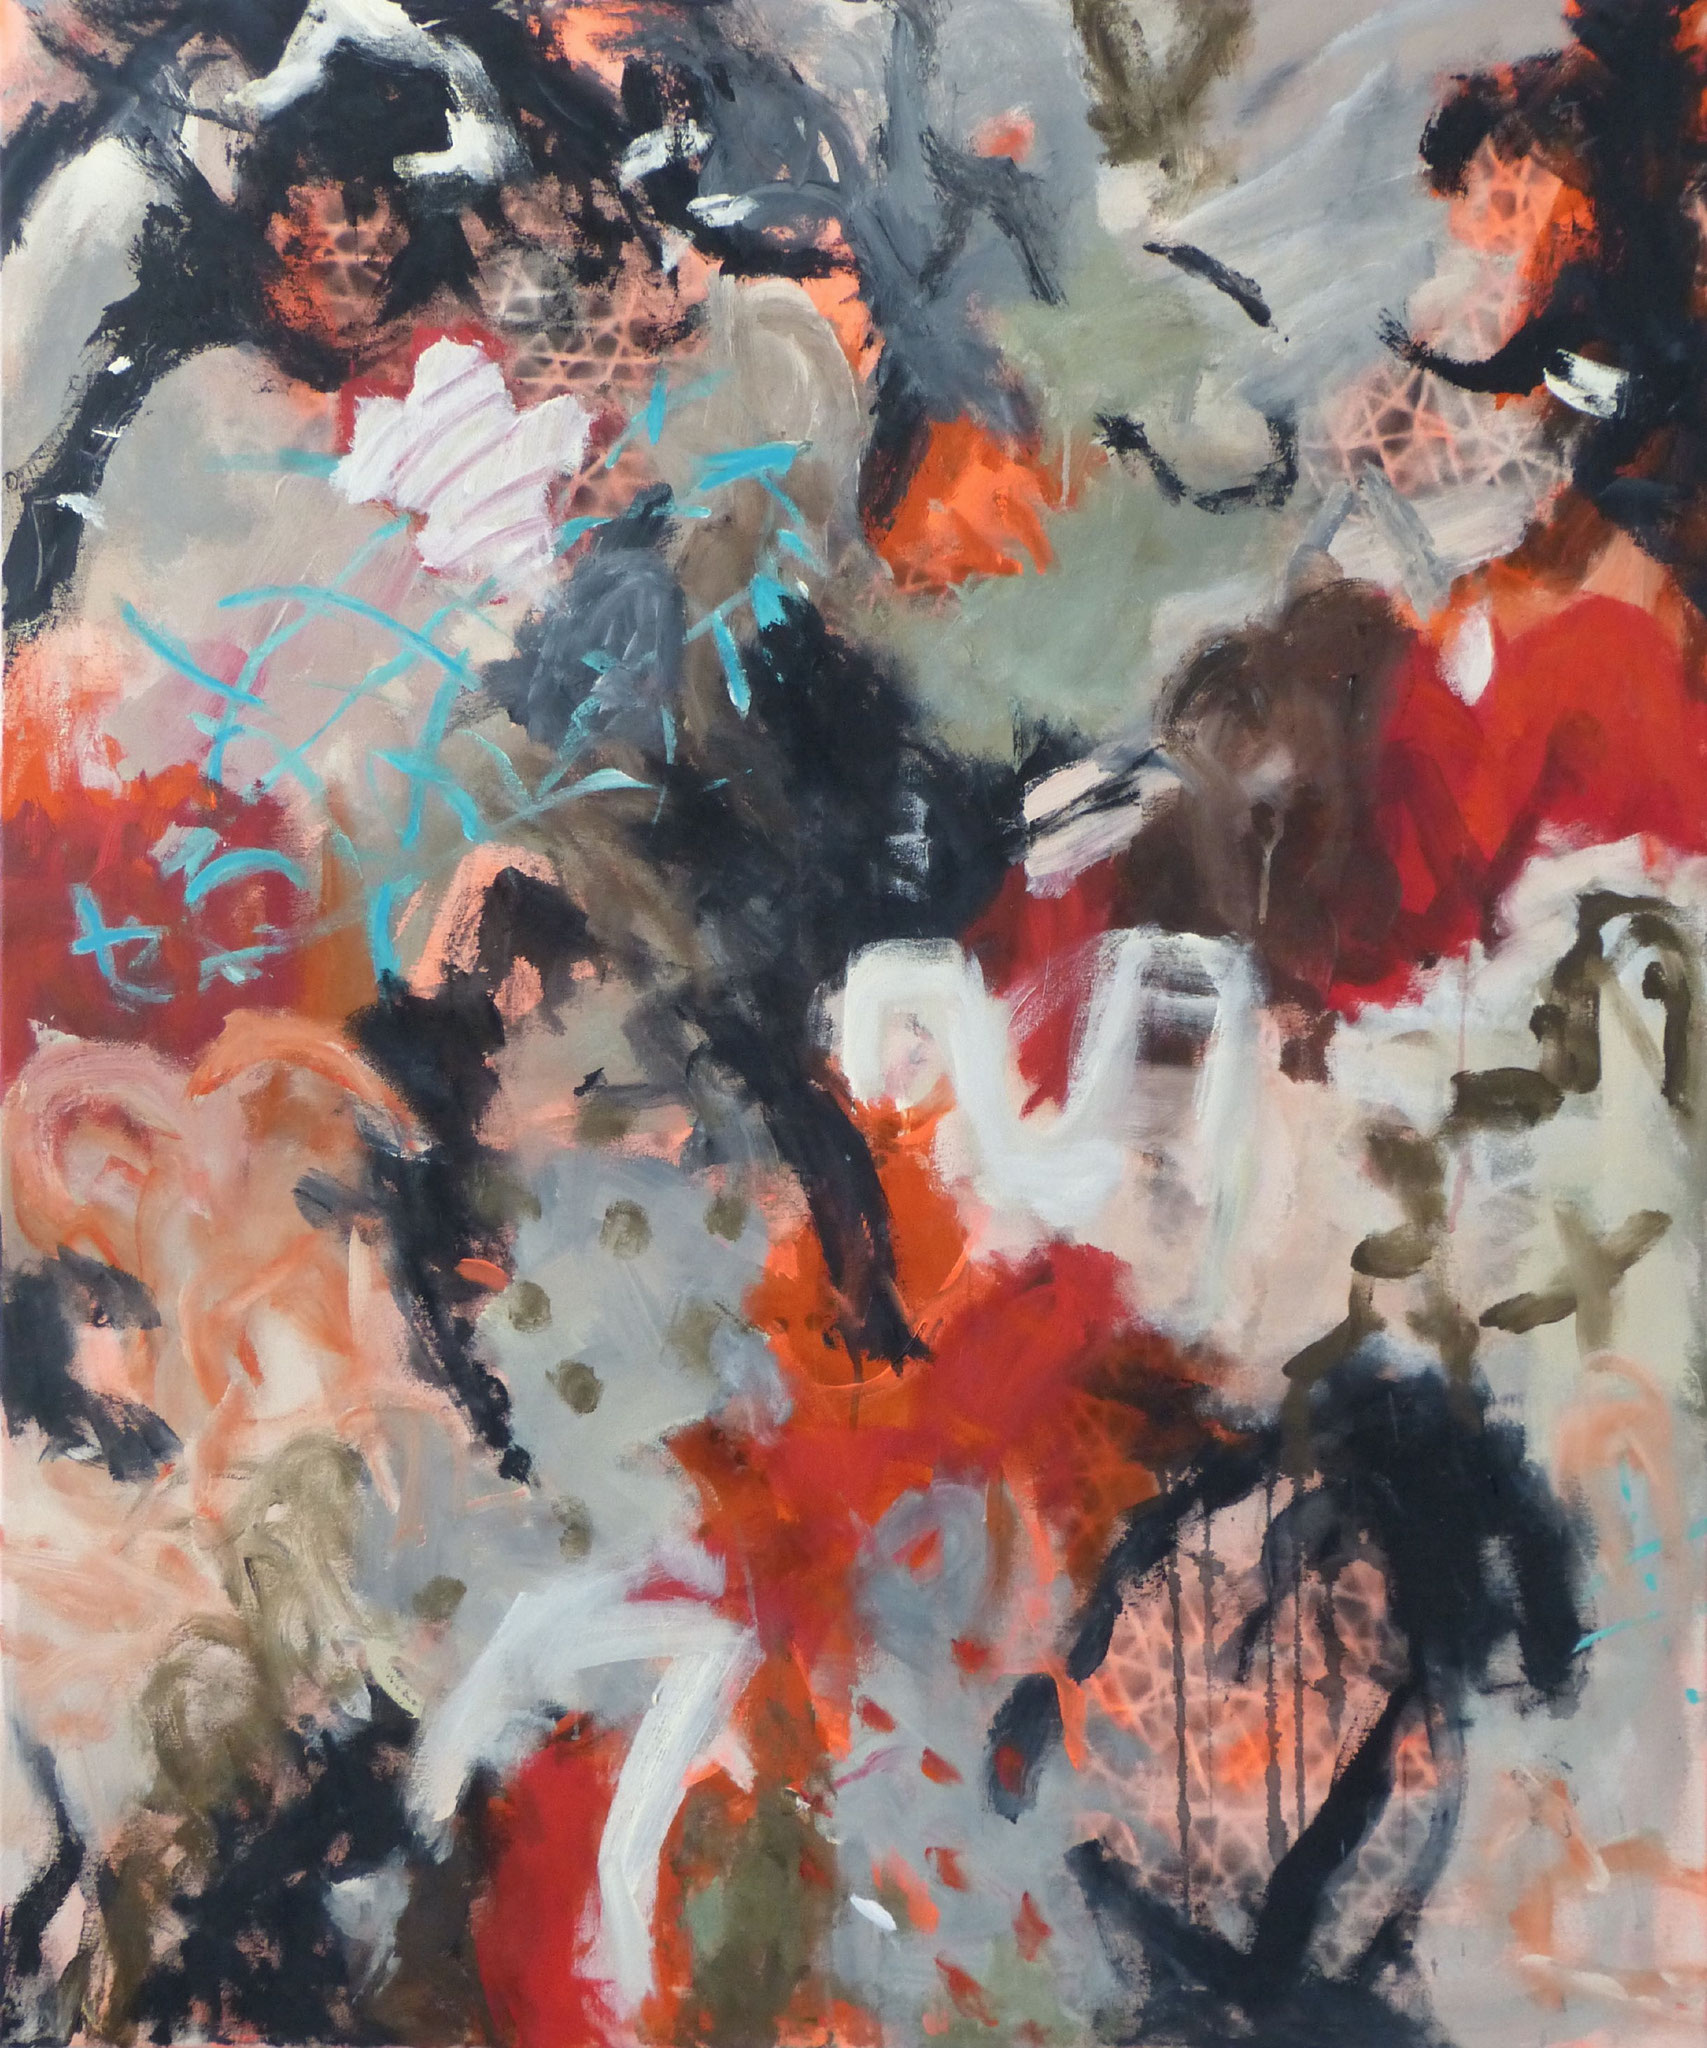 Marrakesch 4,  Acryl/Leinwand, 120x100 cm, 2018